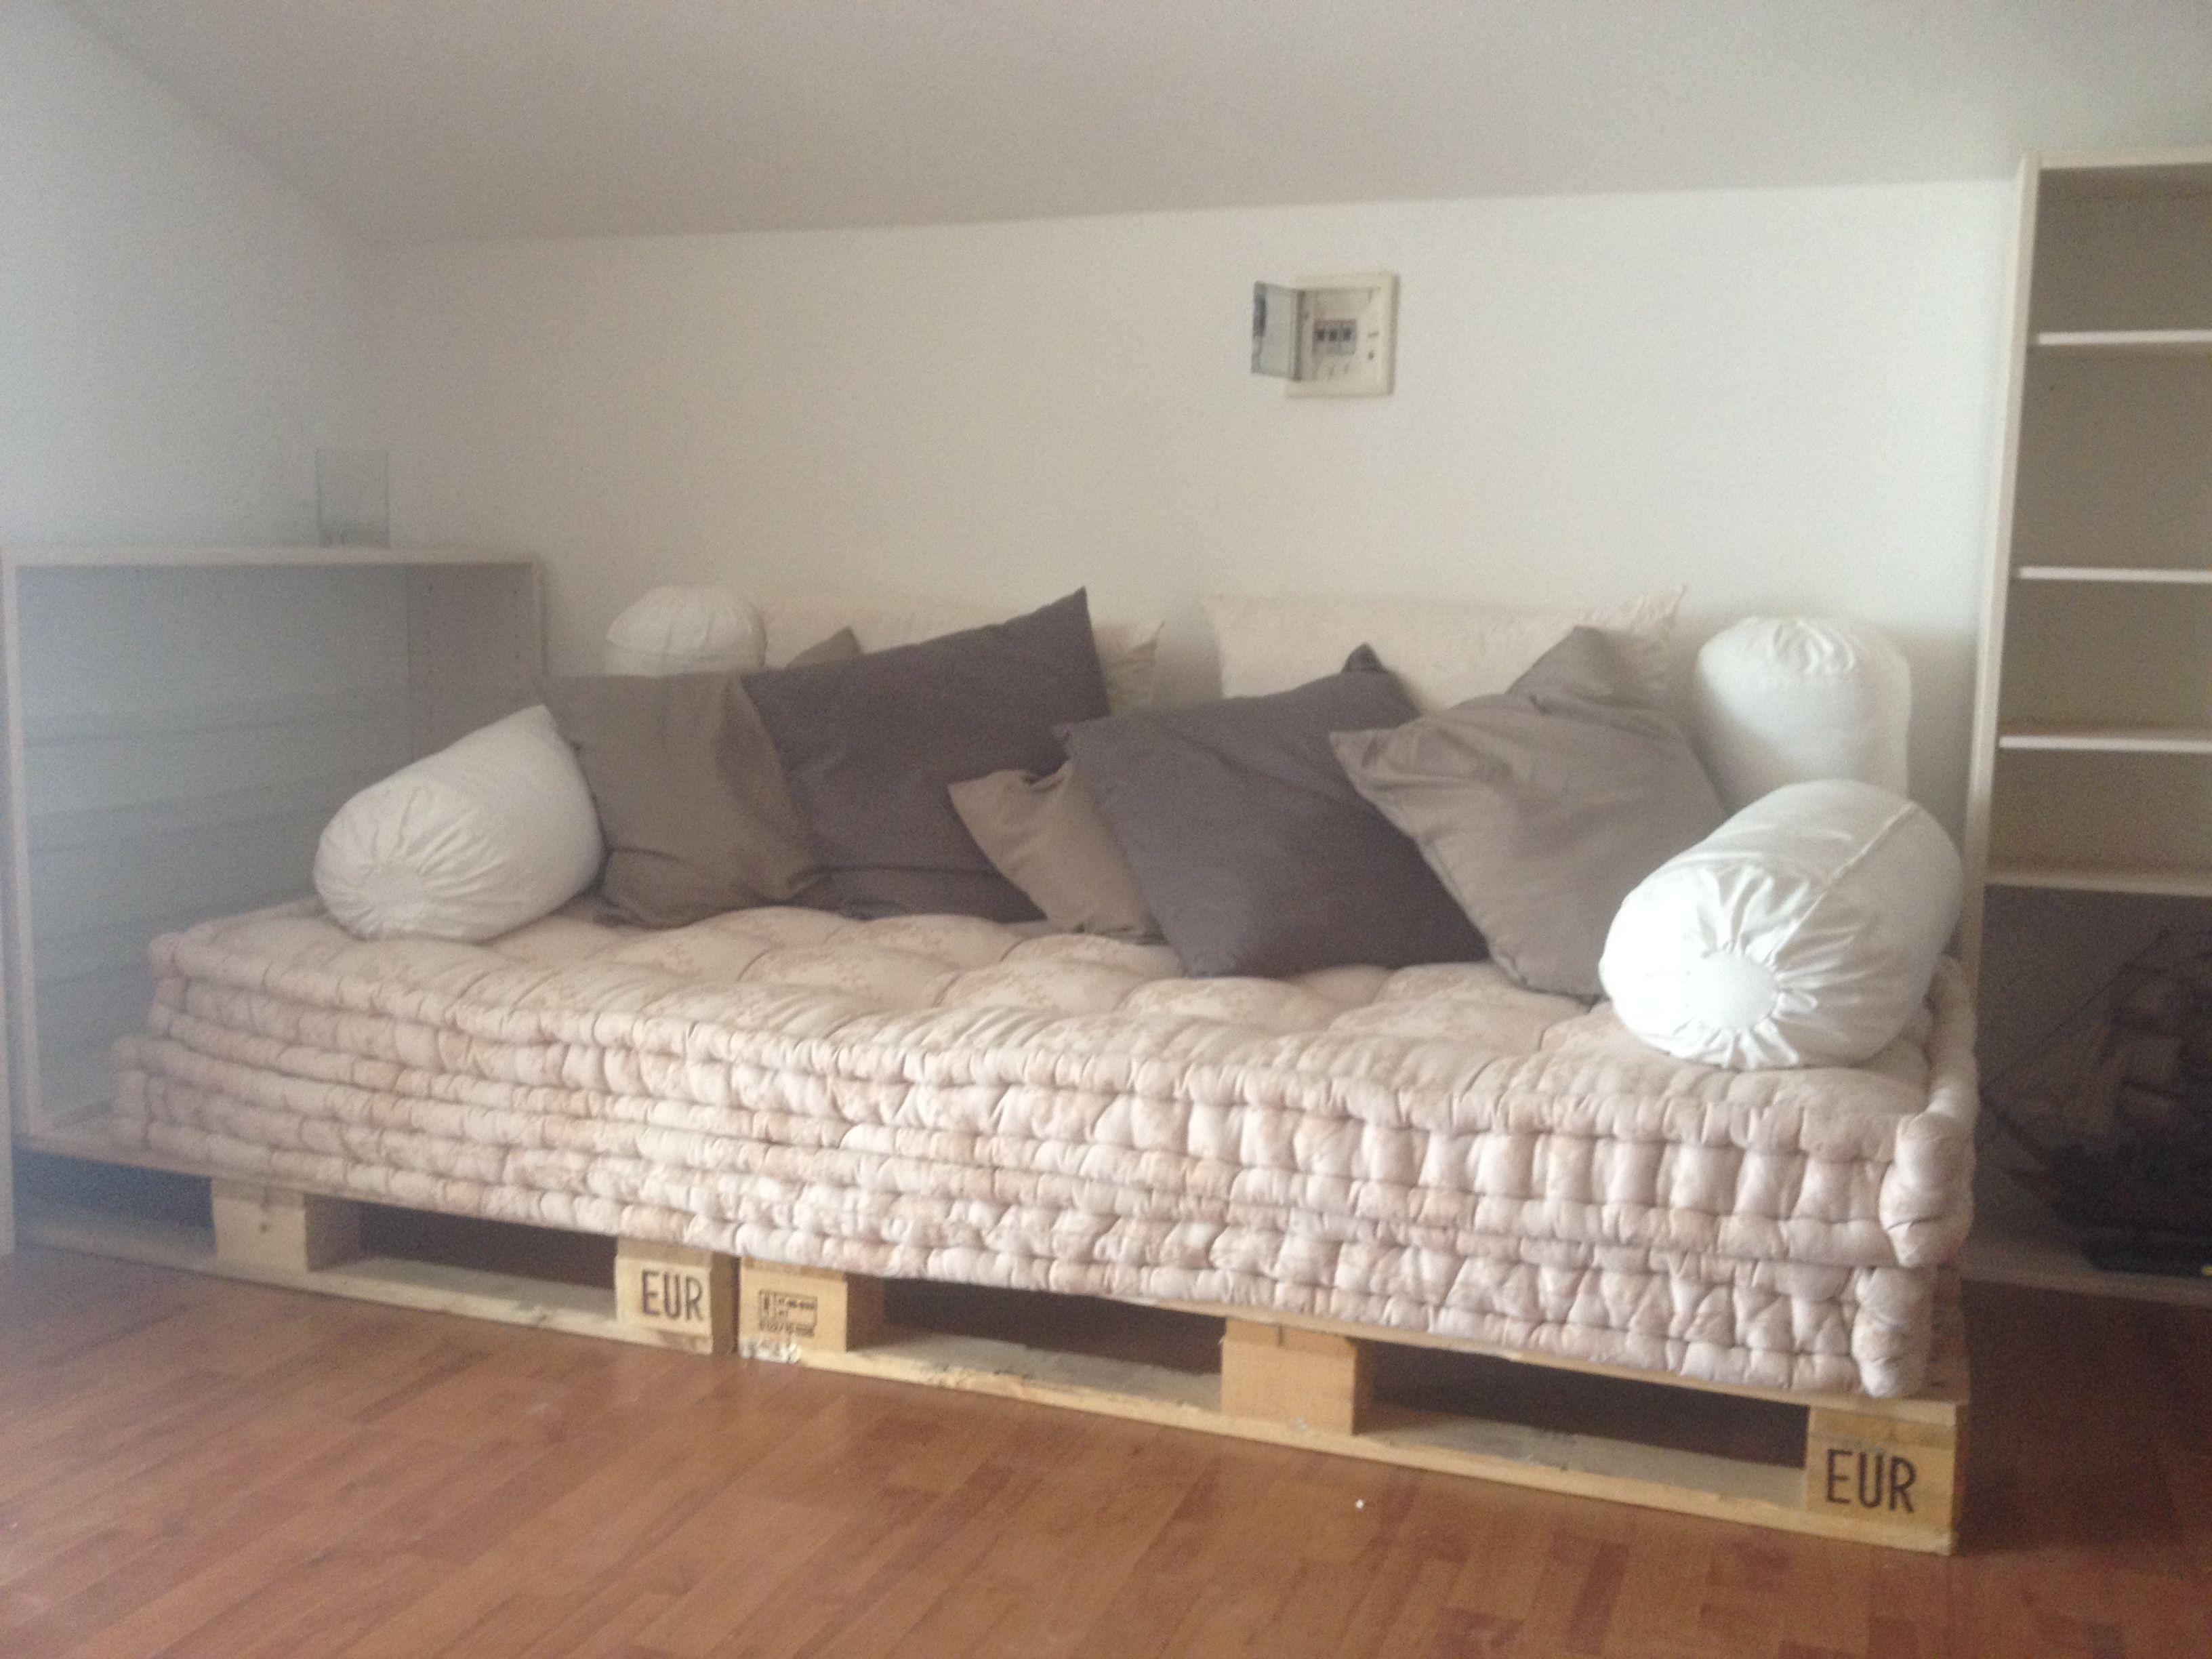 Divano con bancali materassi di lana e cuscini ikea ristrutturazioni low cost pinterest - Letto in legno ikea ...